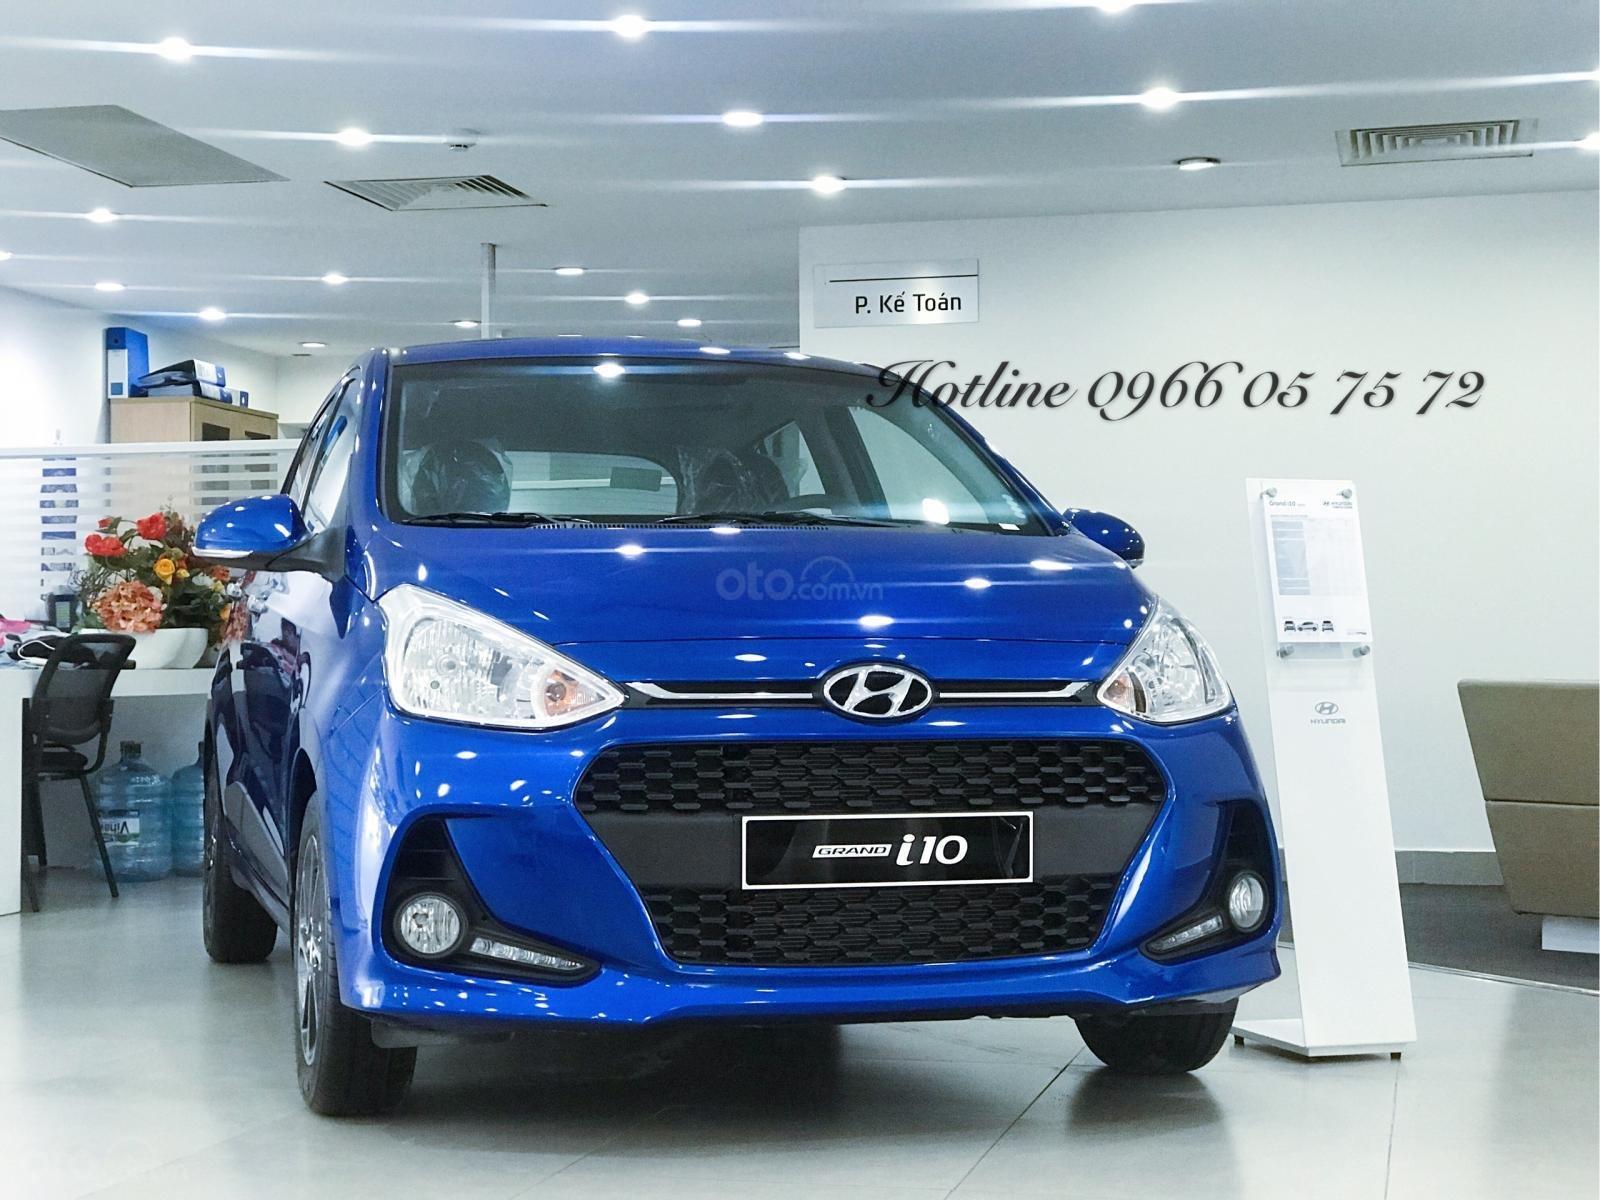 Bán Hyundai i10 1.2 số tự động, màu xanh cực hot - xe giao sớm - nhiều ưu đãi cực hot-0